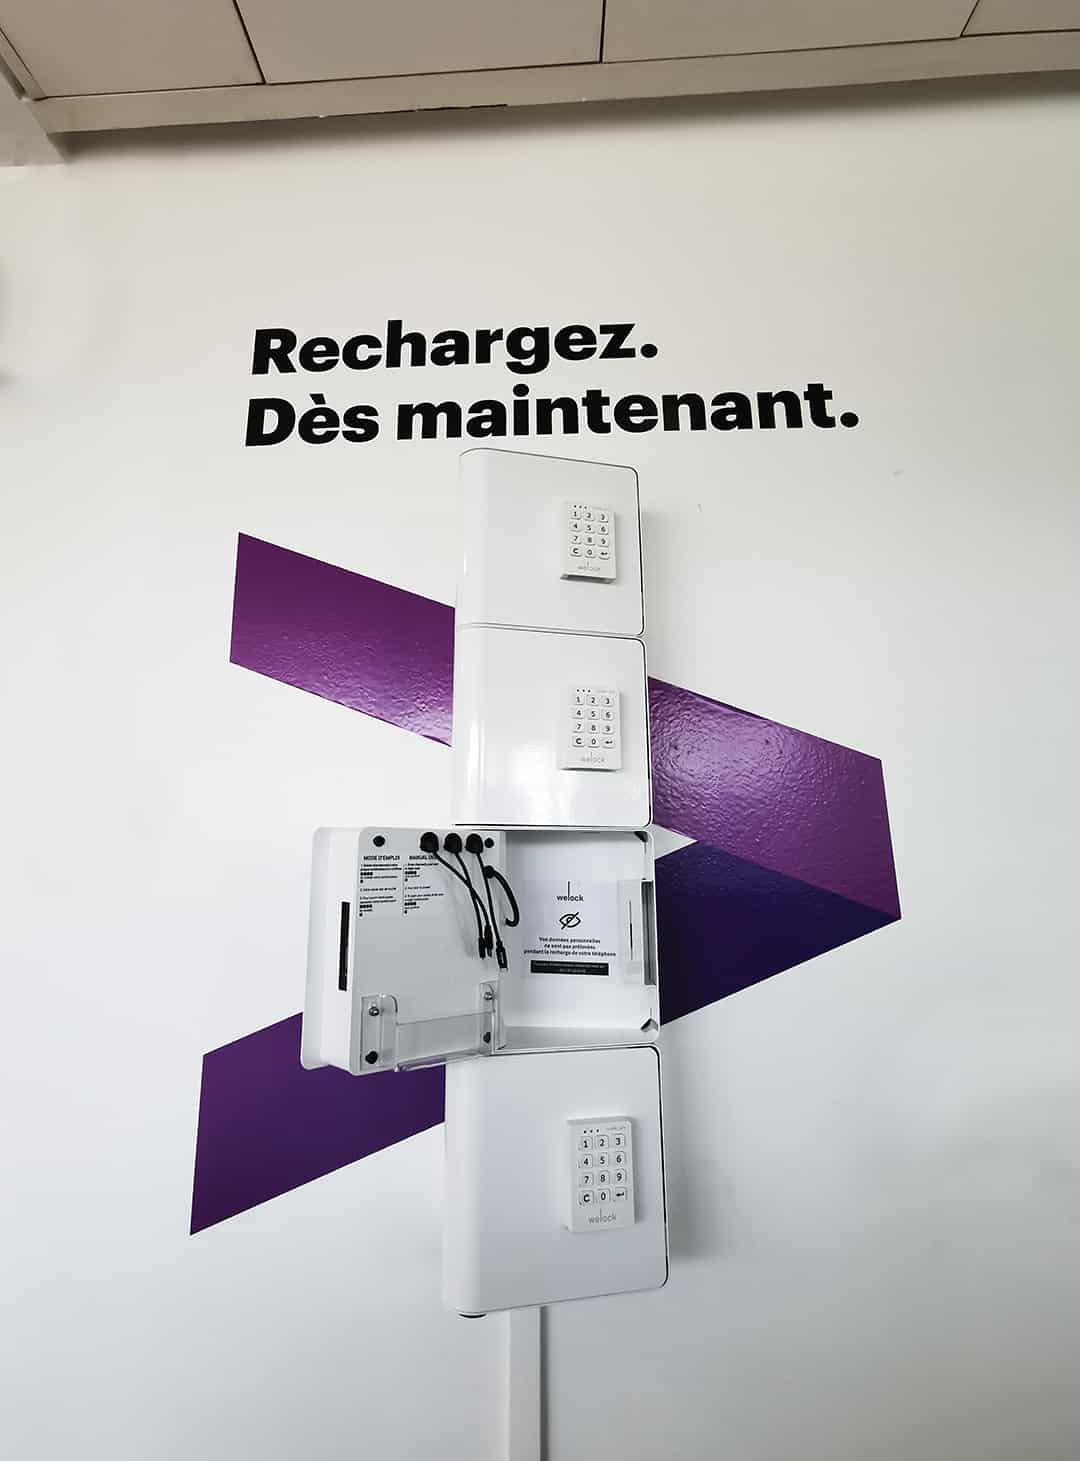 Station de rechargement pour téléphones Accenture